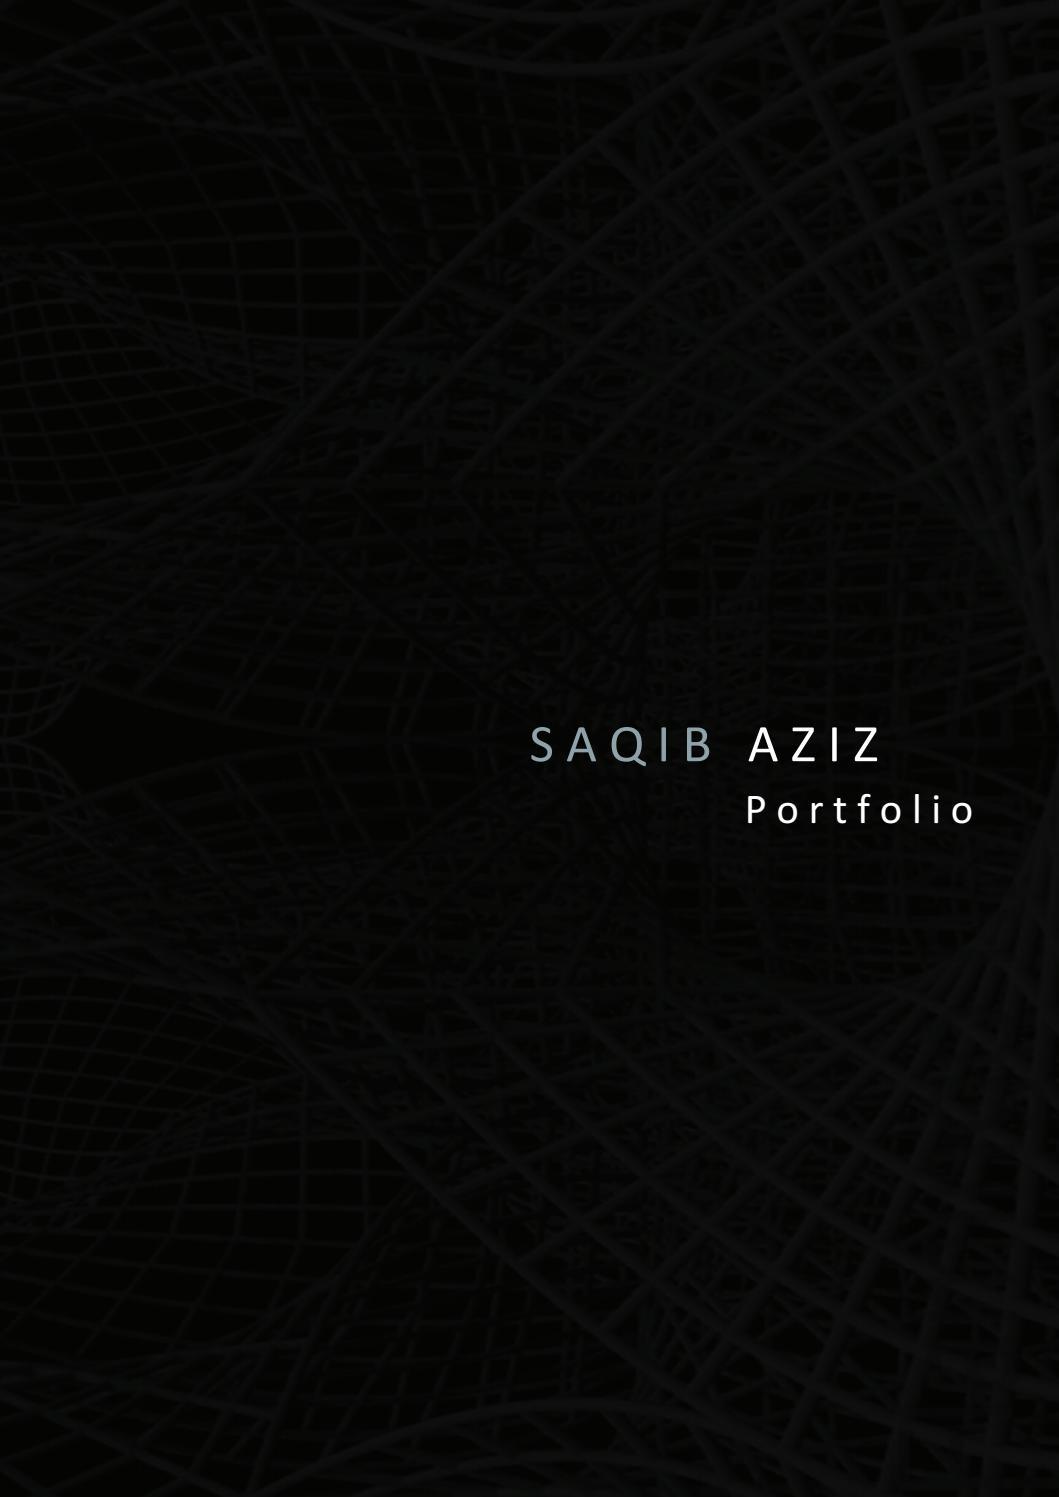 Saqib Aziz Portfolio by Saqib Aziz - issuu